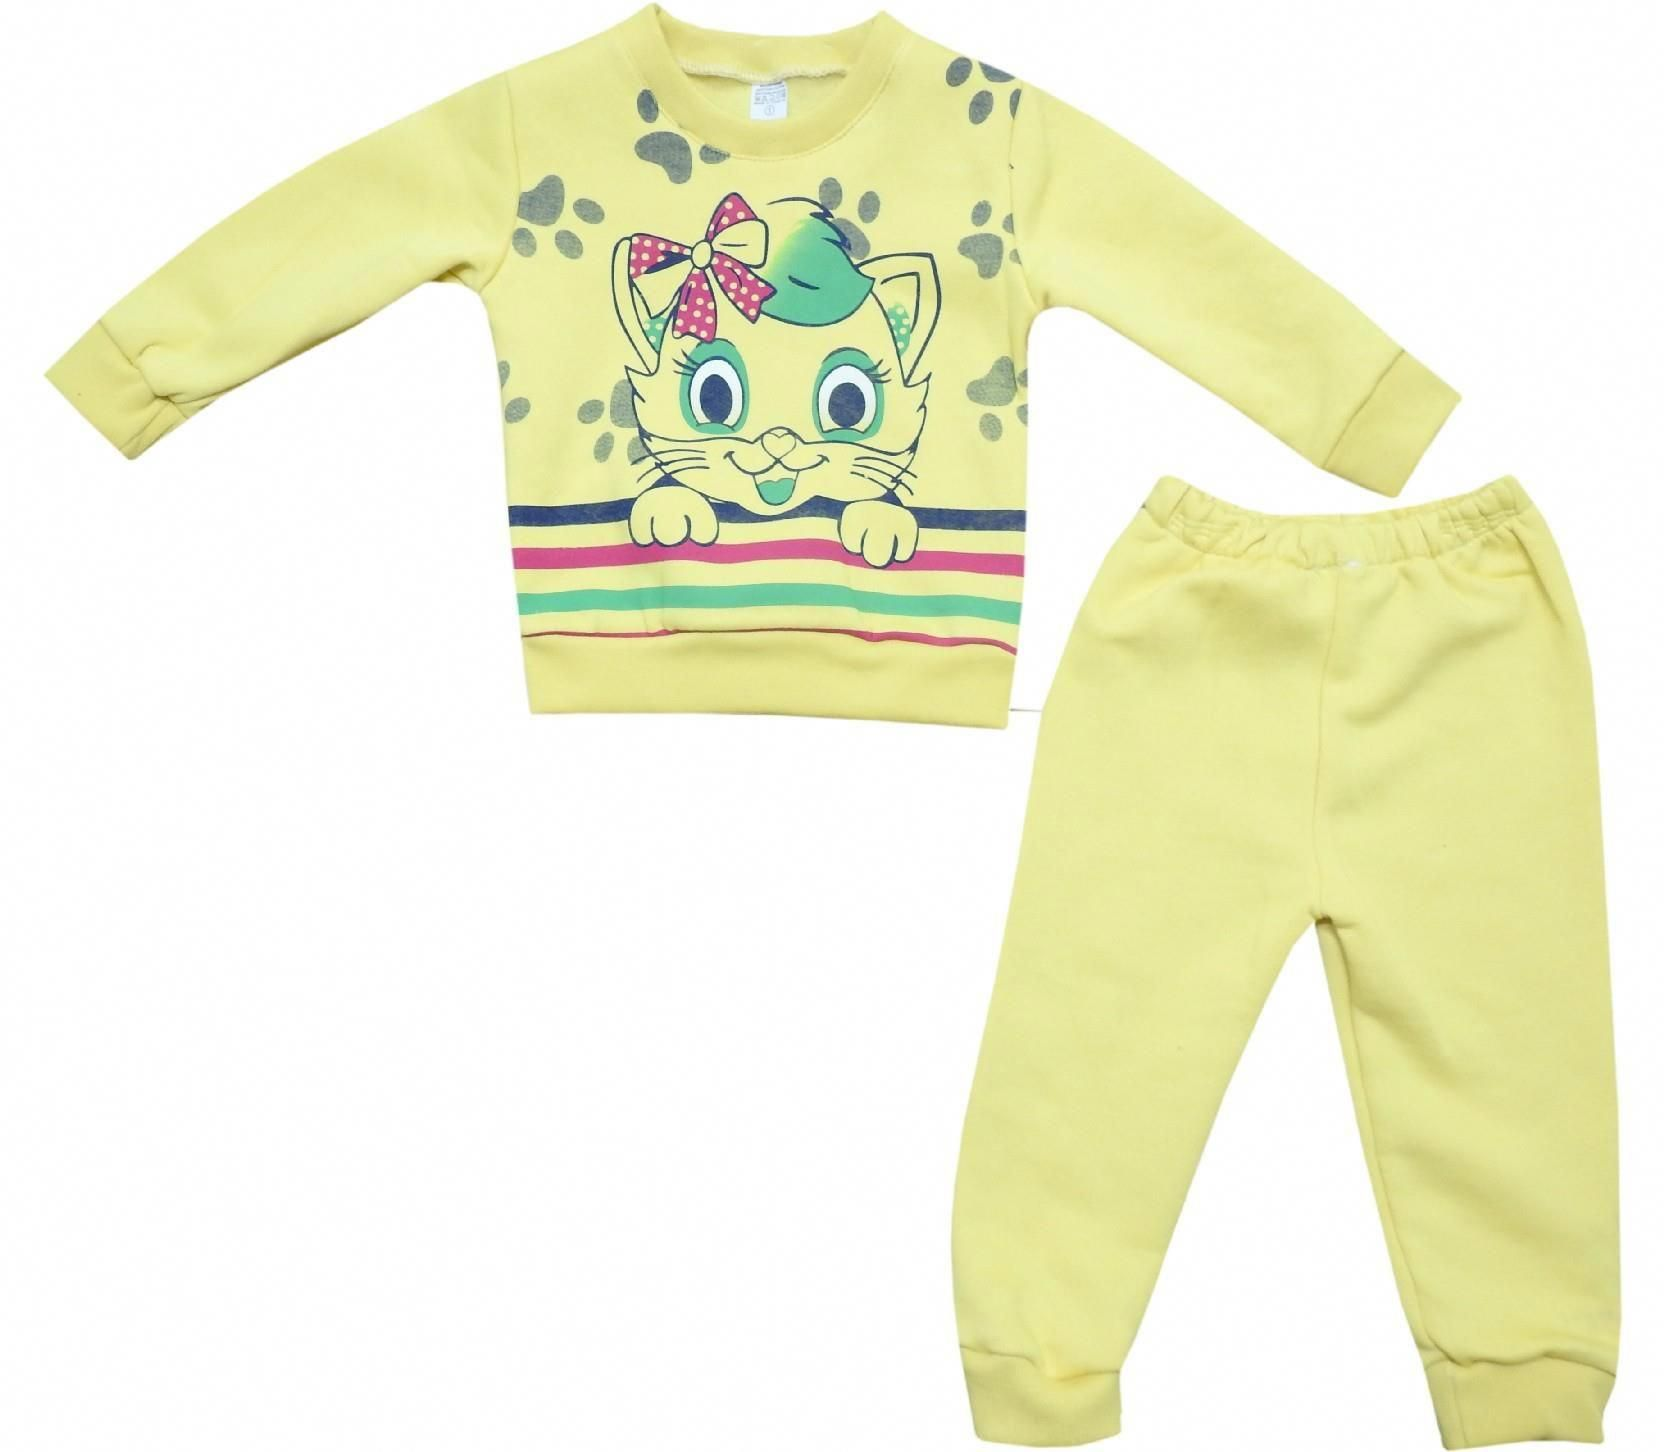 302999d5cba3 Little Boy Fashion Trends 2017  FavouriteKidsFashion id 4278356572 ...